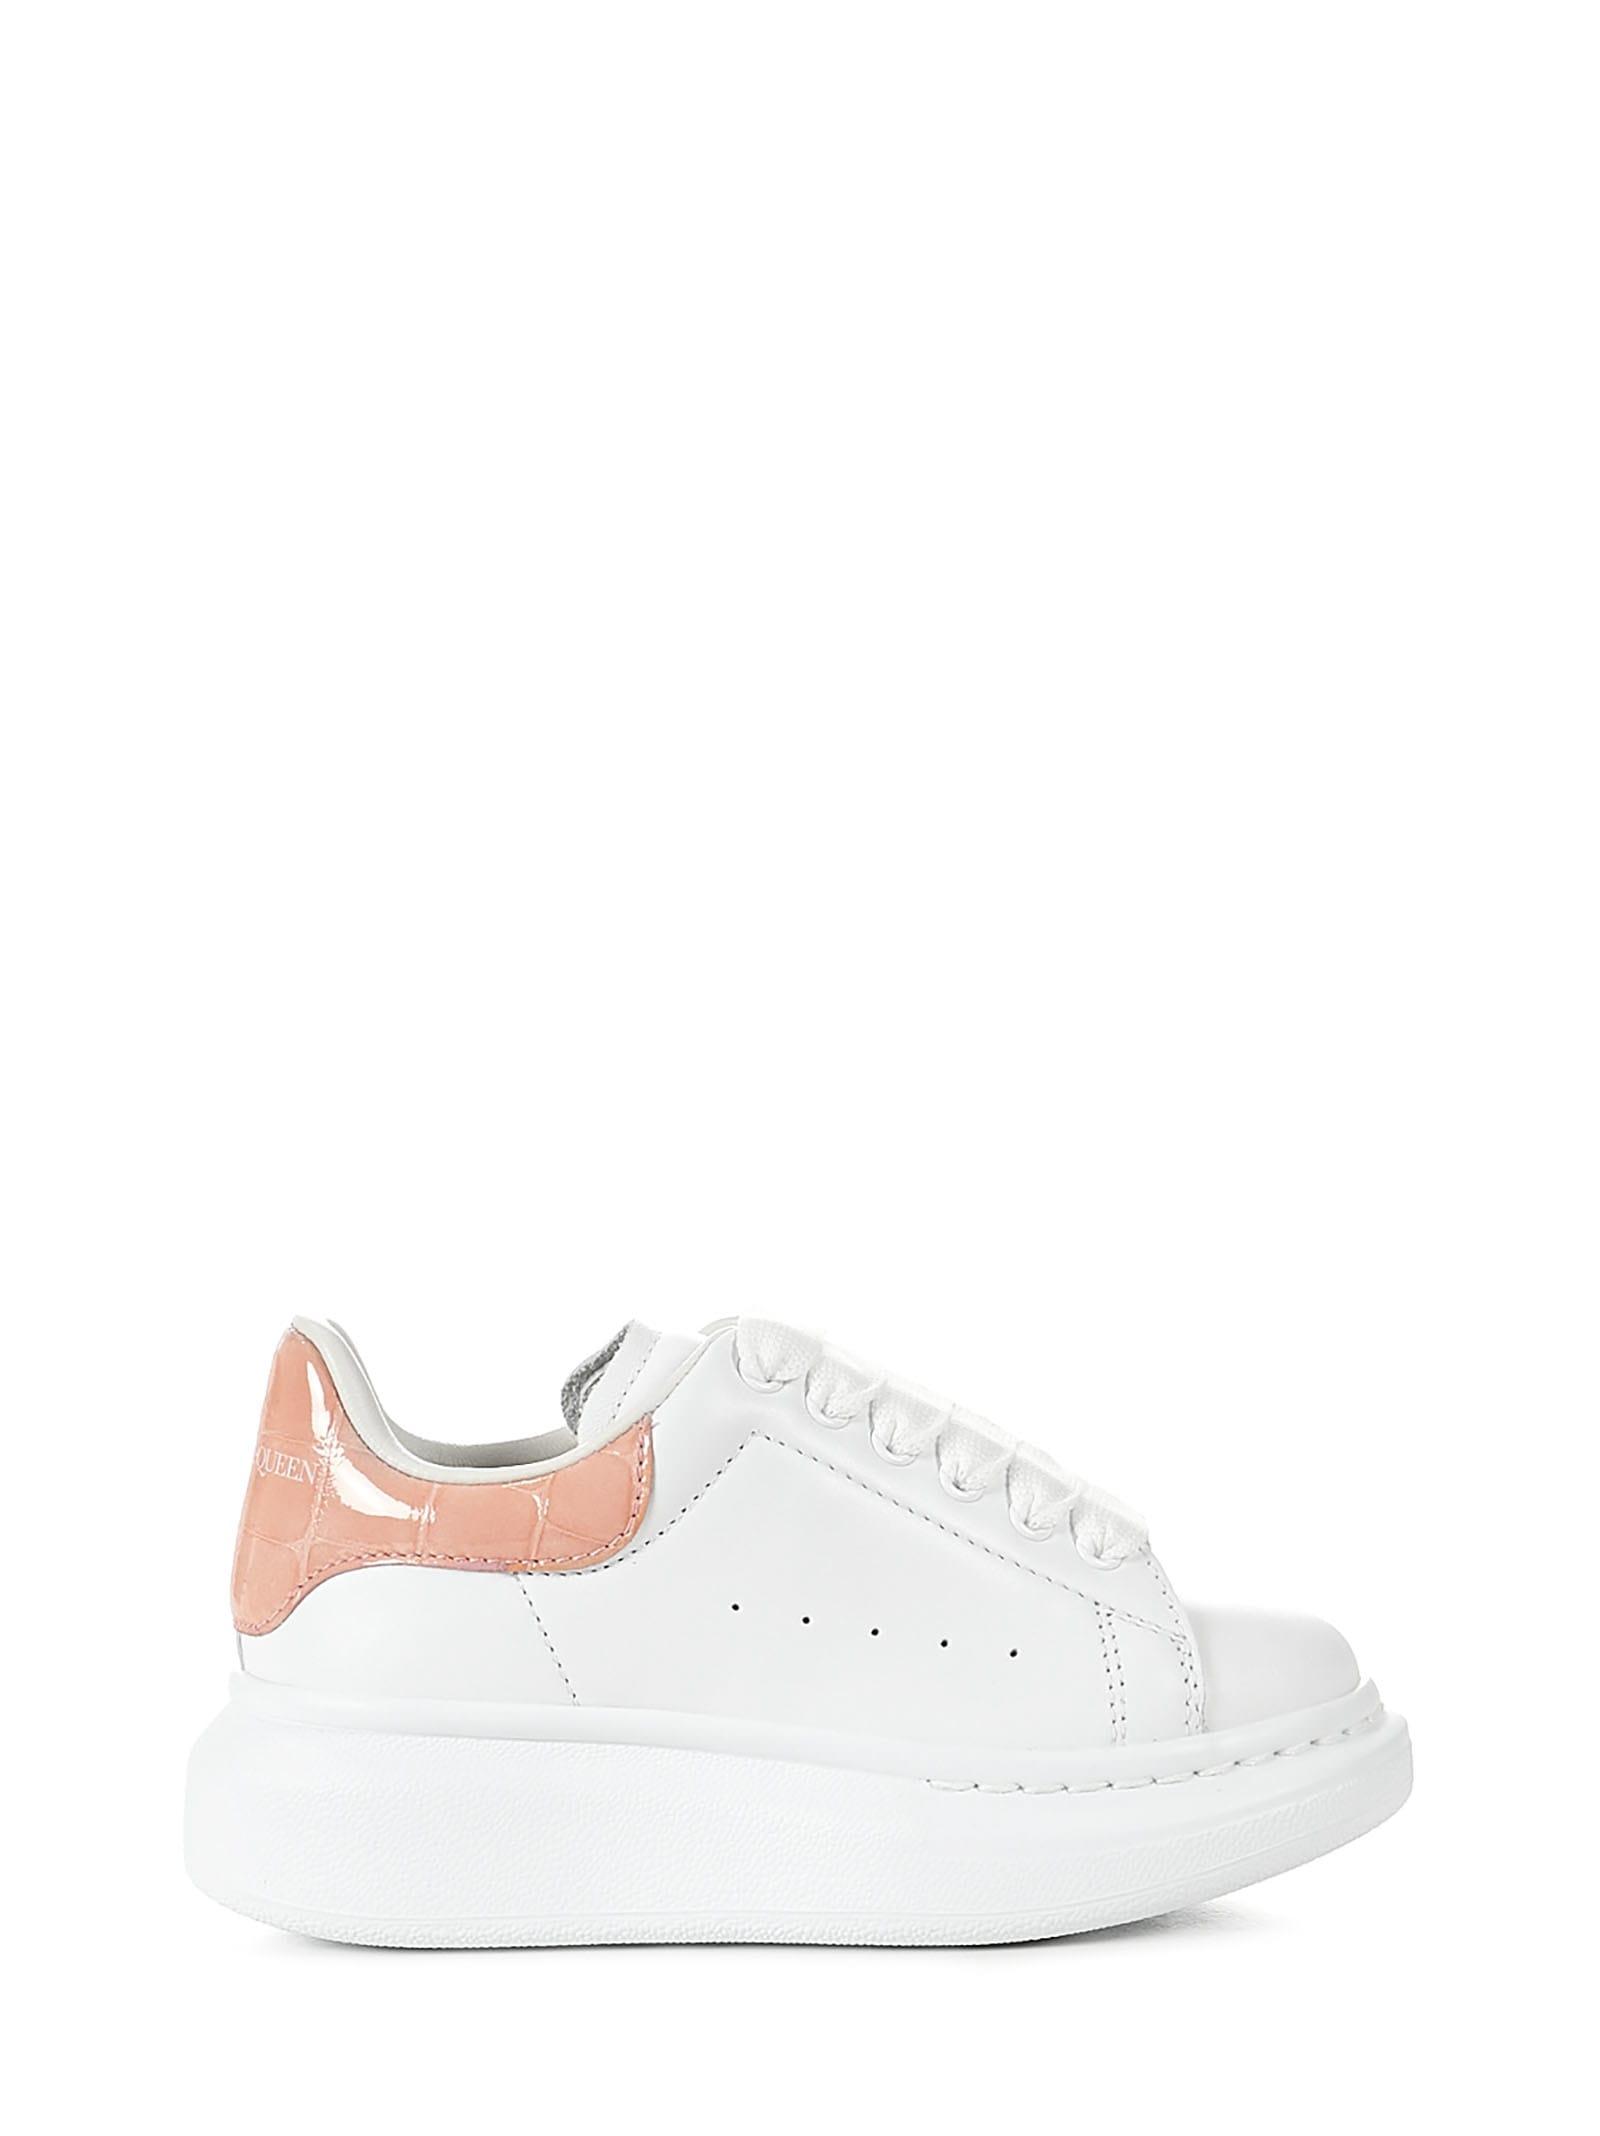 Alexander Mcqueen Kids Oversize Sneakers